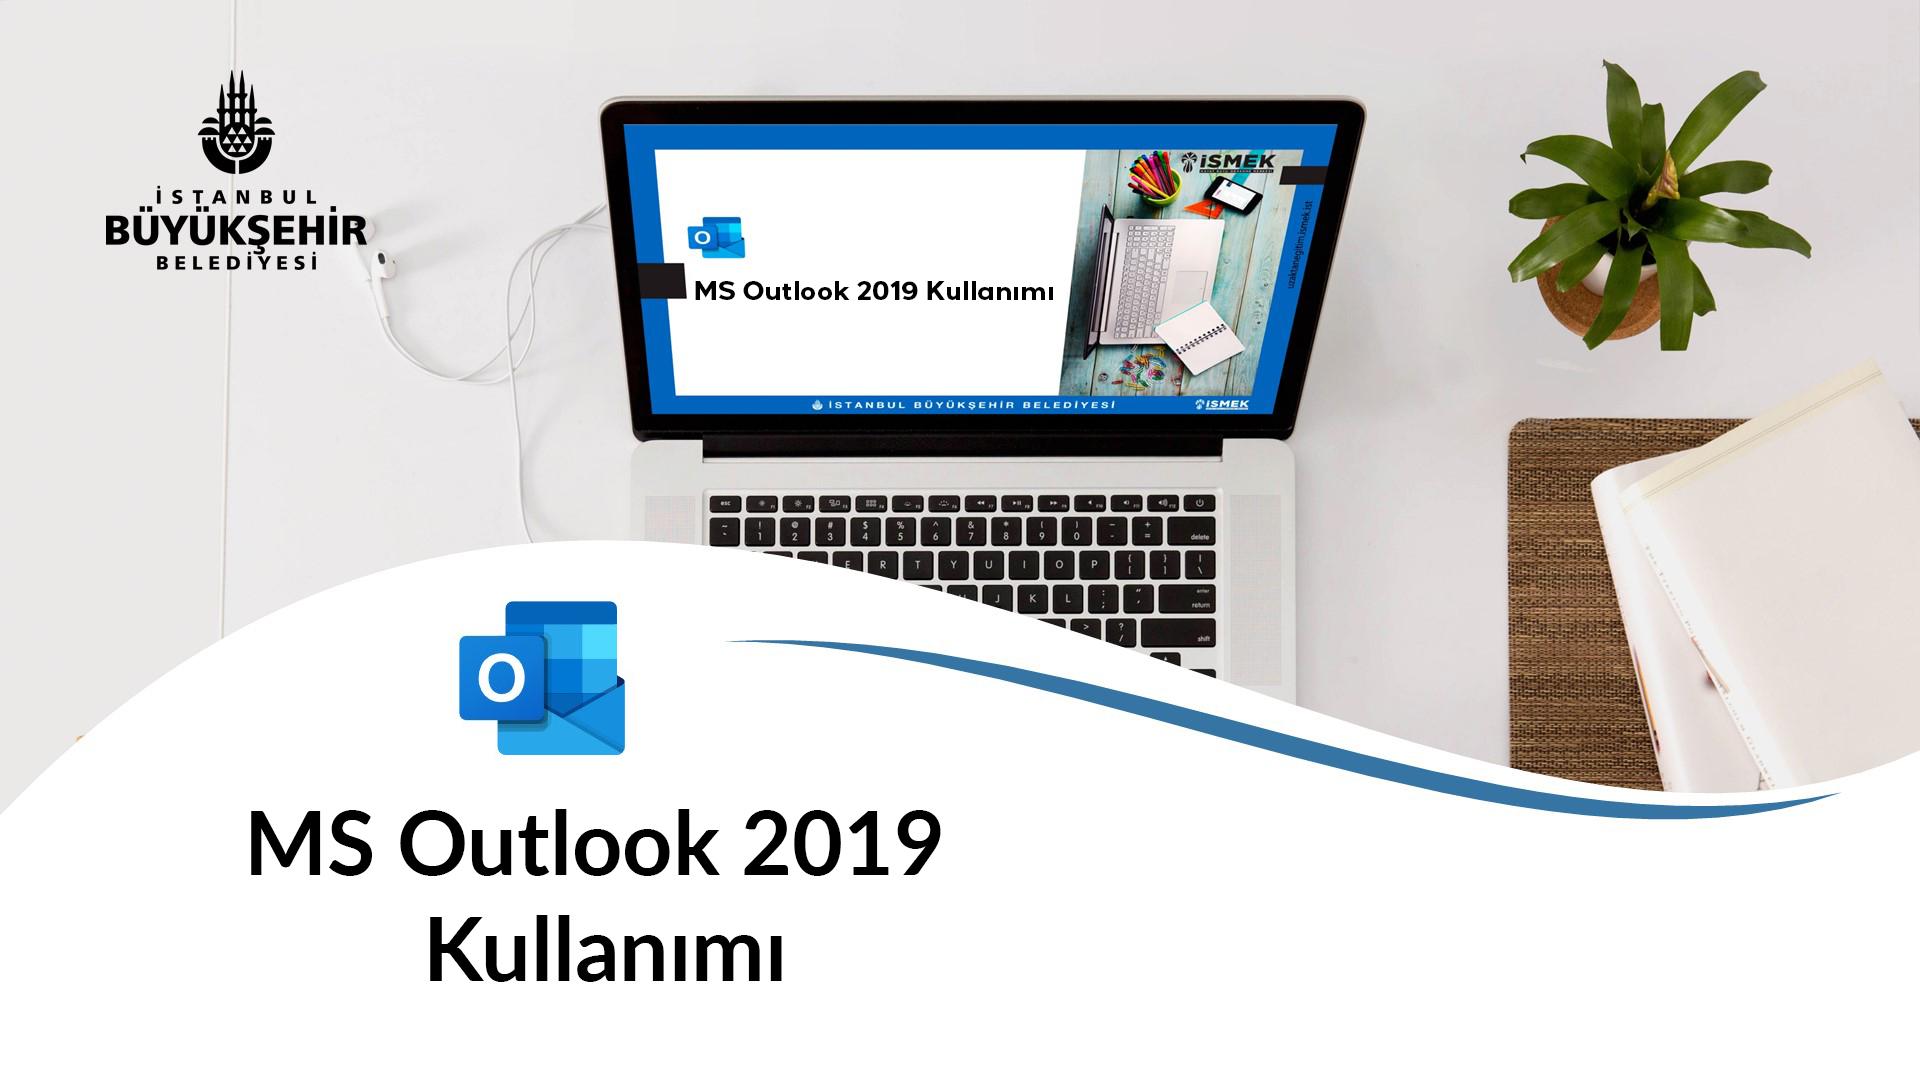 MS Outlook 2019 Kullanımı